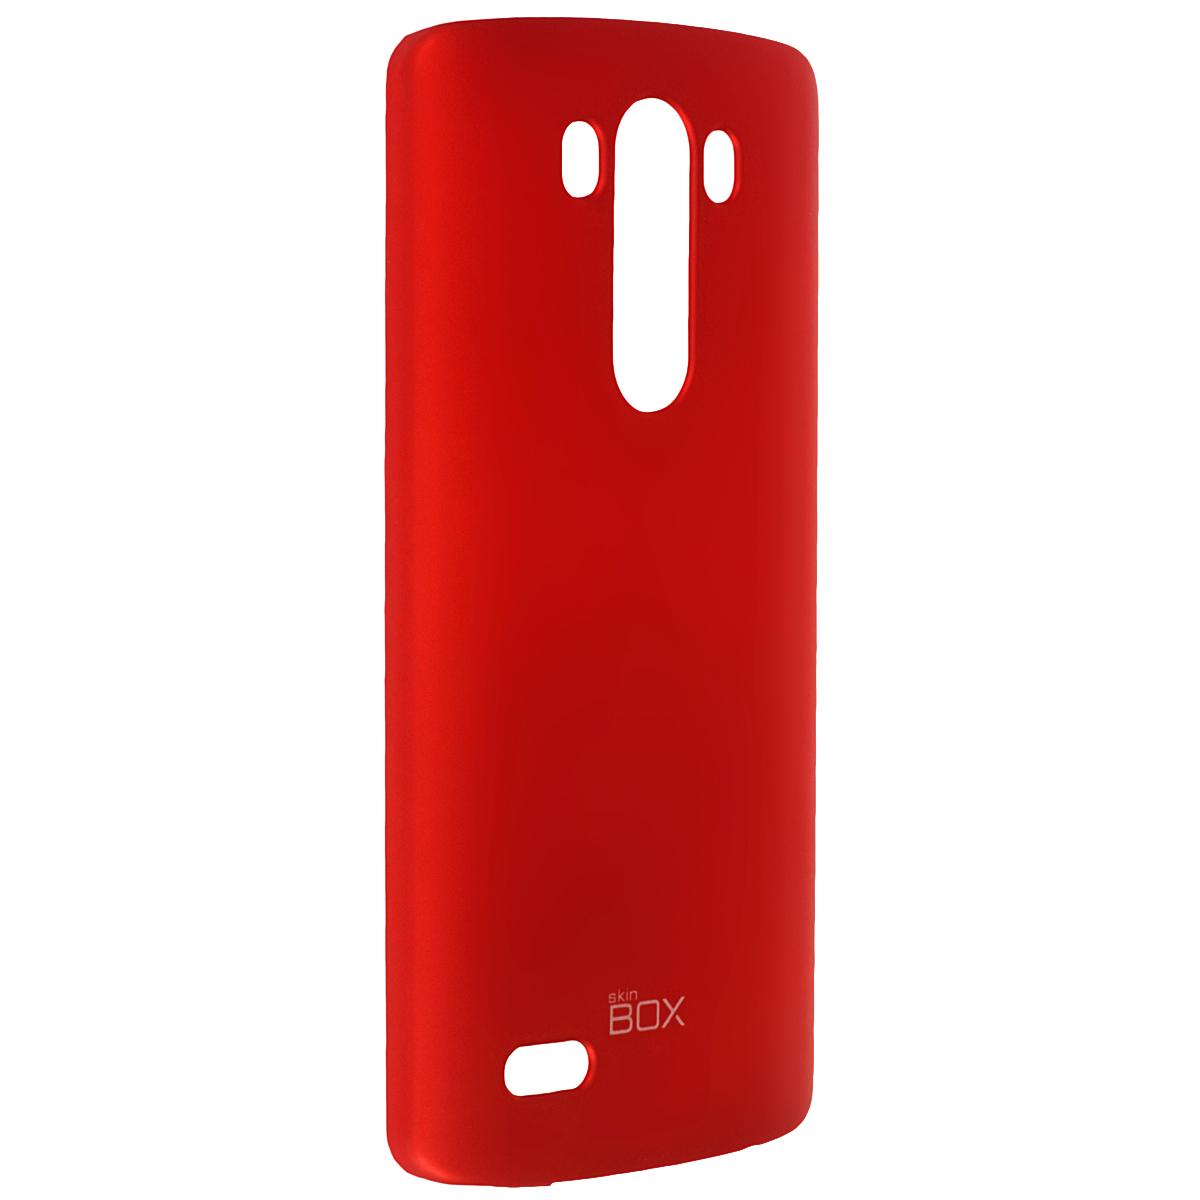 Skinbox Shield 4People чехол для LG G3, RedT-S-LG3-002Чехол Skinbox Shield 4People для LG G3 предназначен для защиты корпуса смартфона от механических повреждений и царапин в процессе эксплуатации. Имеется свободный доступ ко всем разъемам и кнопкам устройства. В комплект также входит защитная пленка на экран телефона.